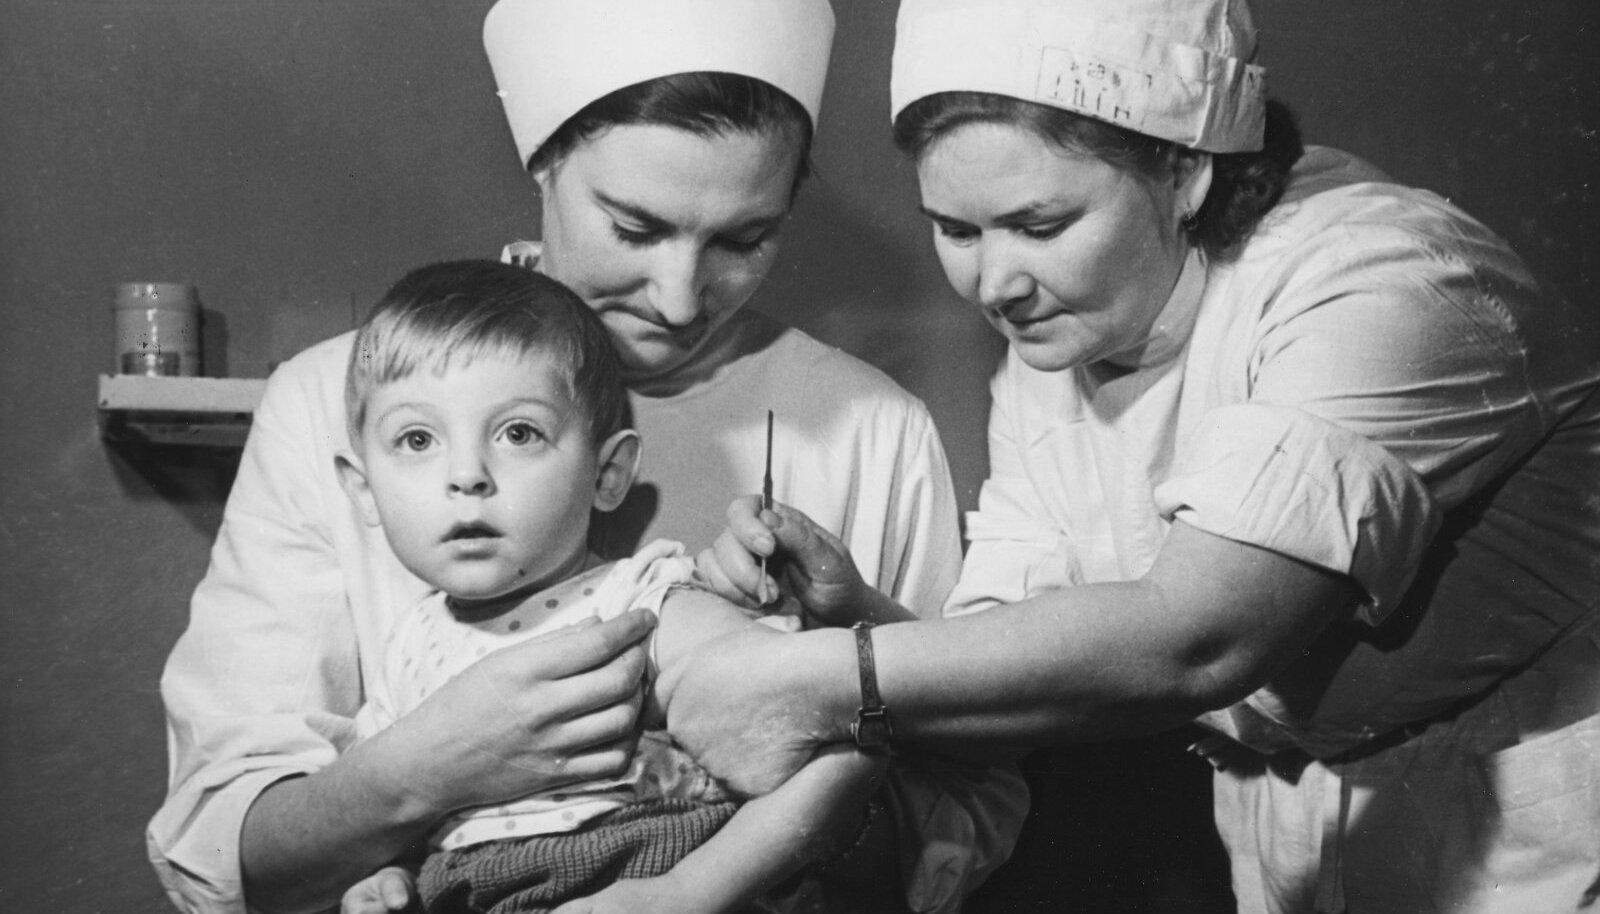 КАРТИНА ИЗ ПРОШЛОГО: Работники Центральной больницы Таллинна Я. Йыги (сидит) и З. Подлобко делают прививку от оспы. В 1979 году Всемирная организация здоровья объявила о победе над инфекцией.